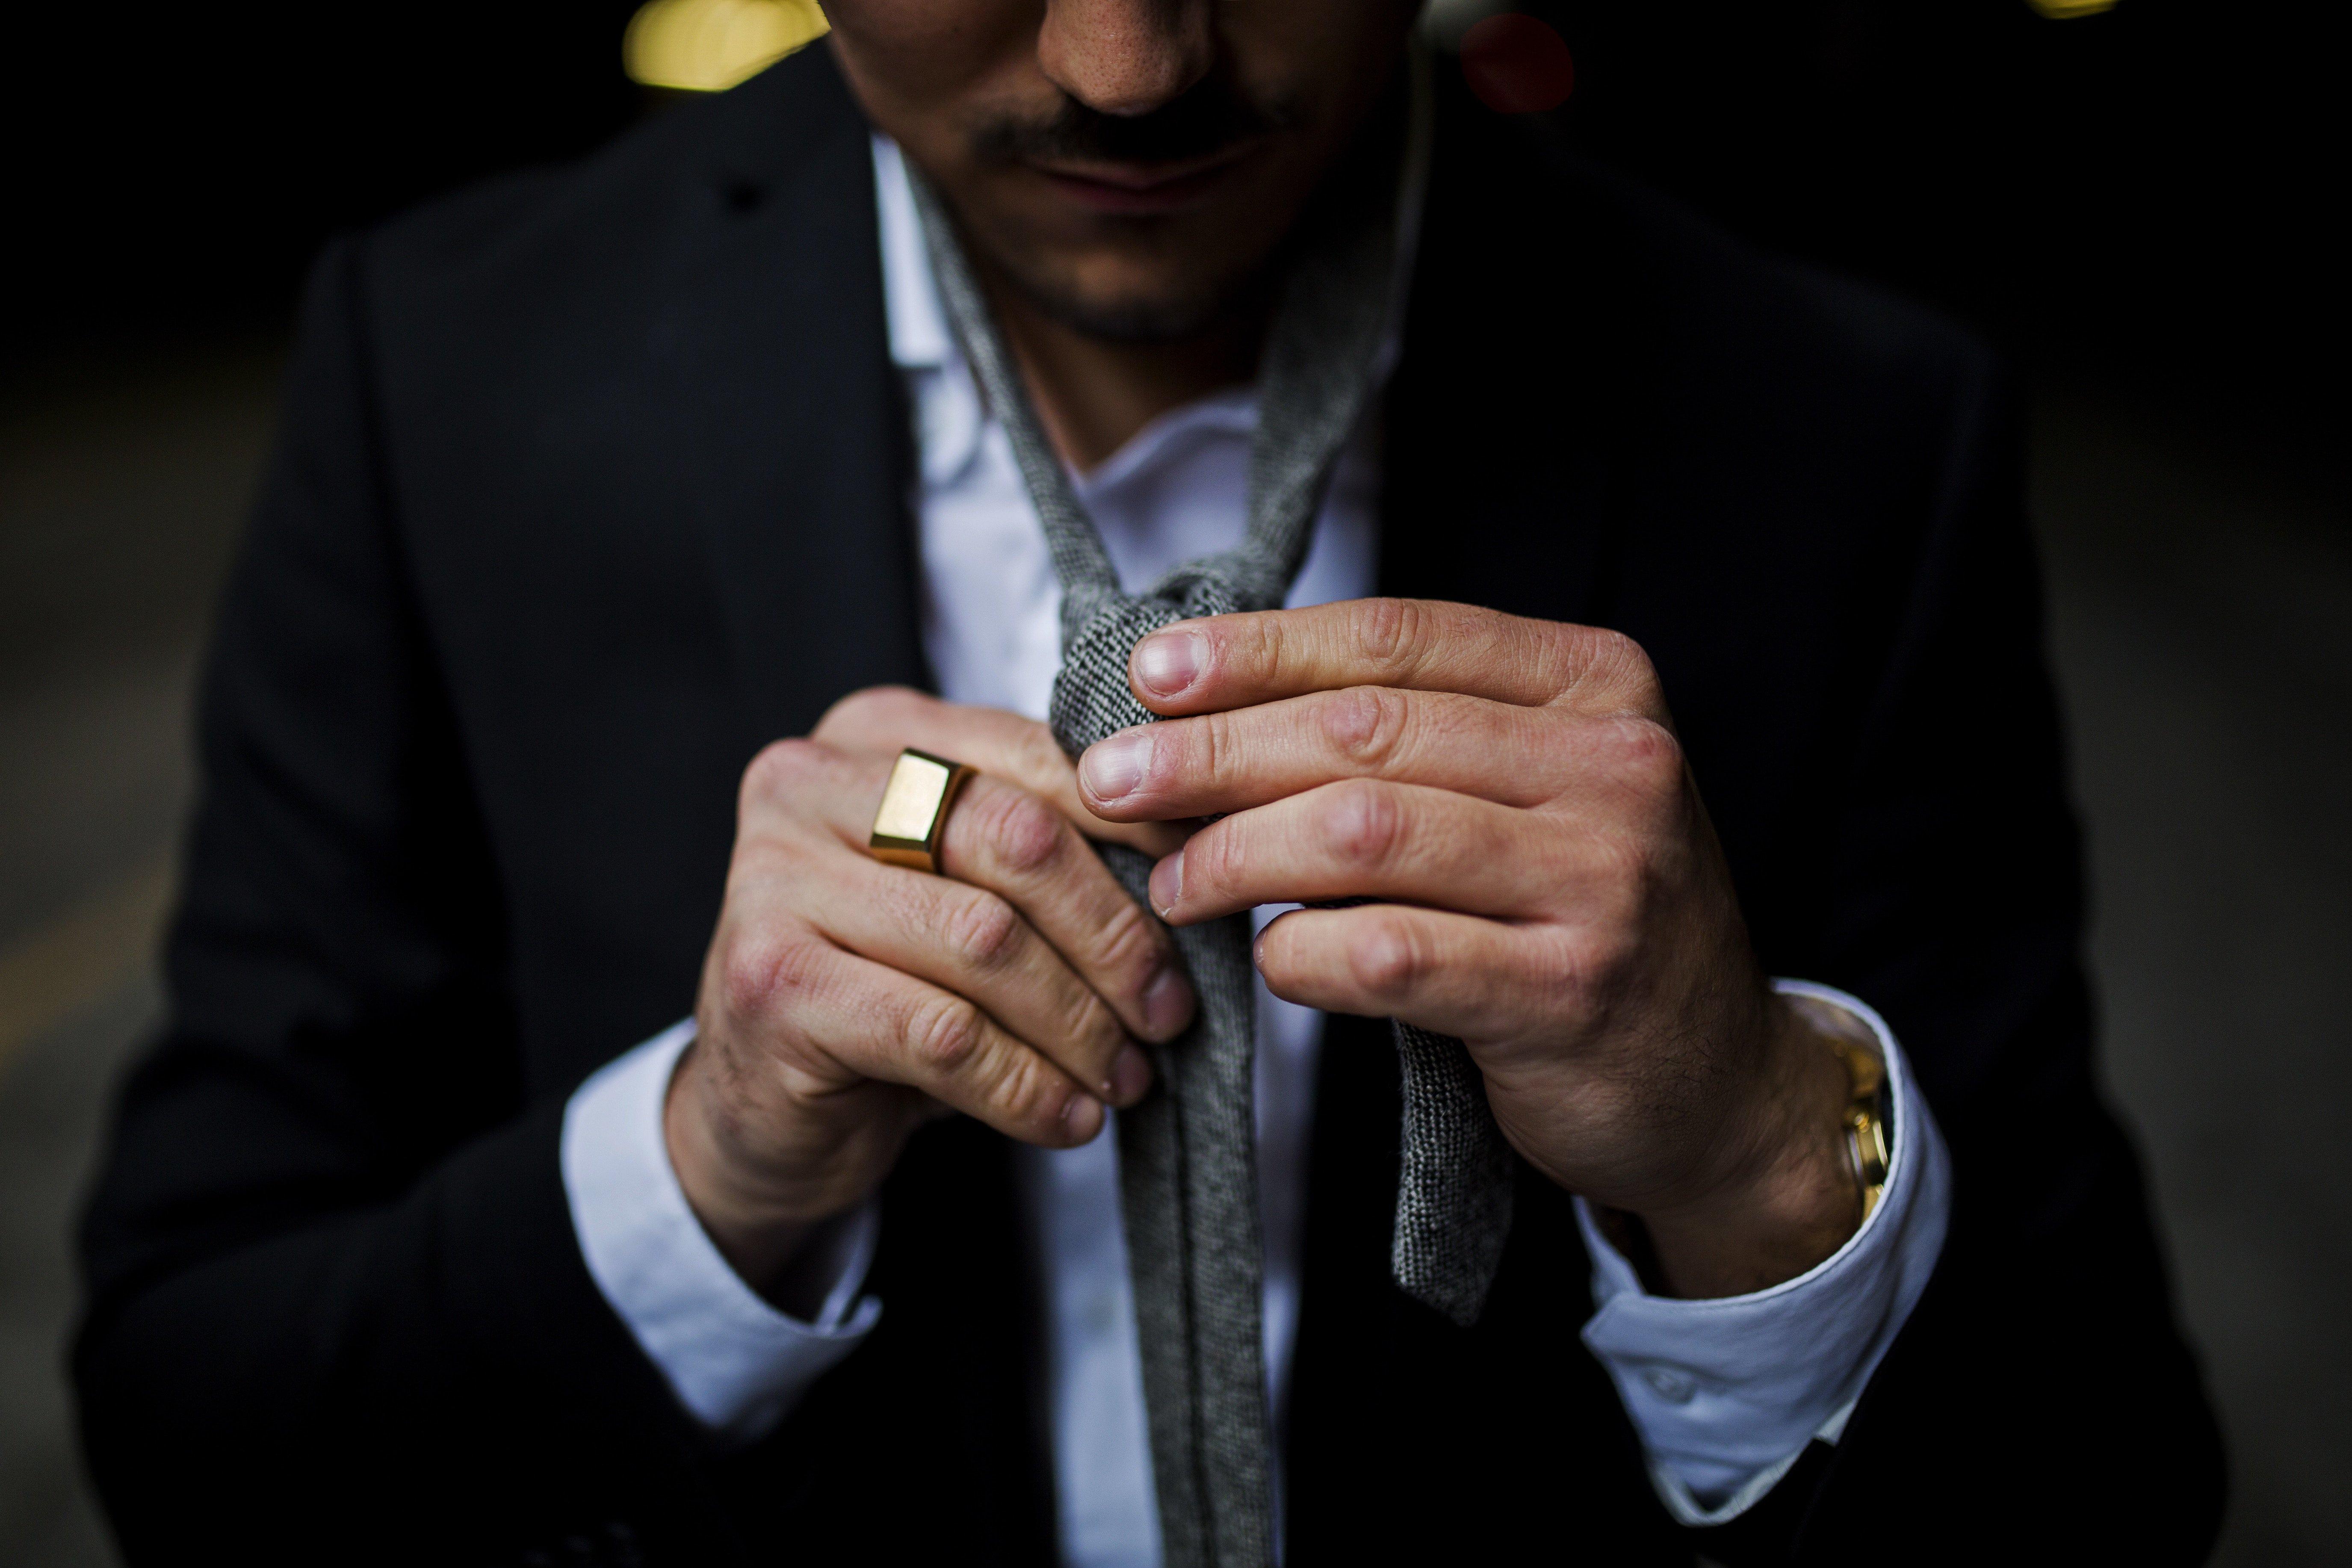 Jak zawiązać krawat? Oto najlepsze sposoby!